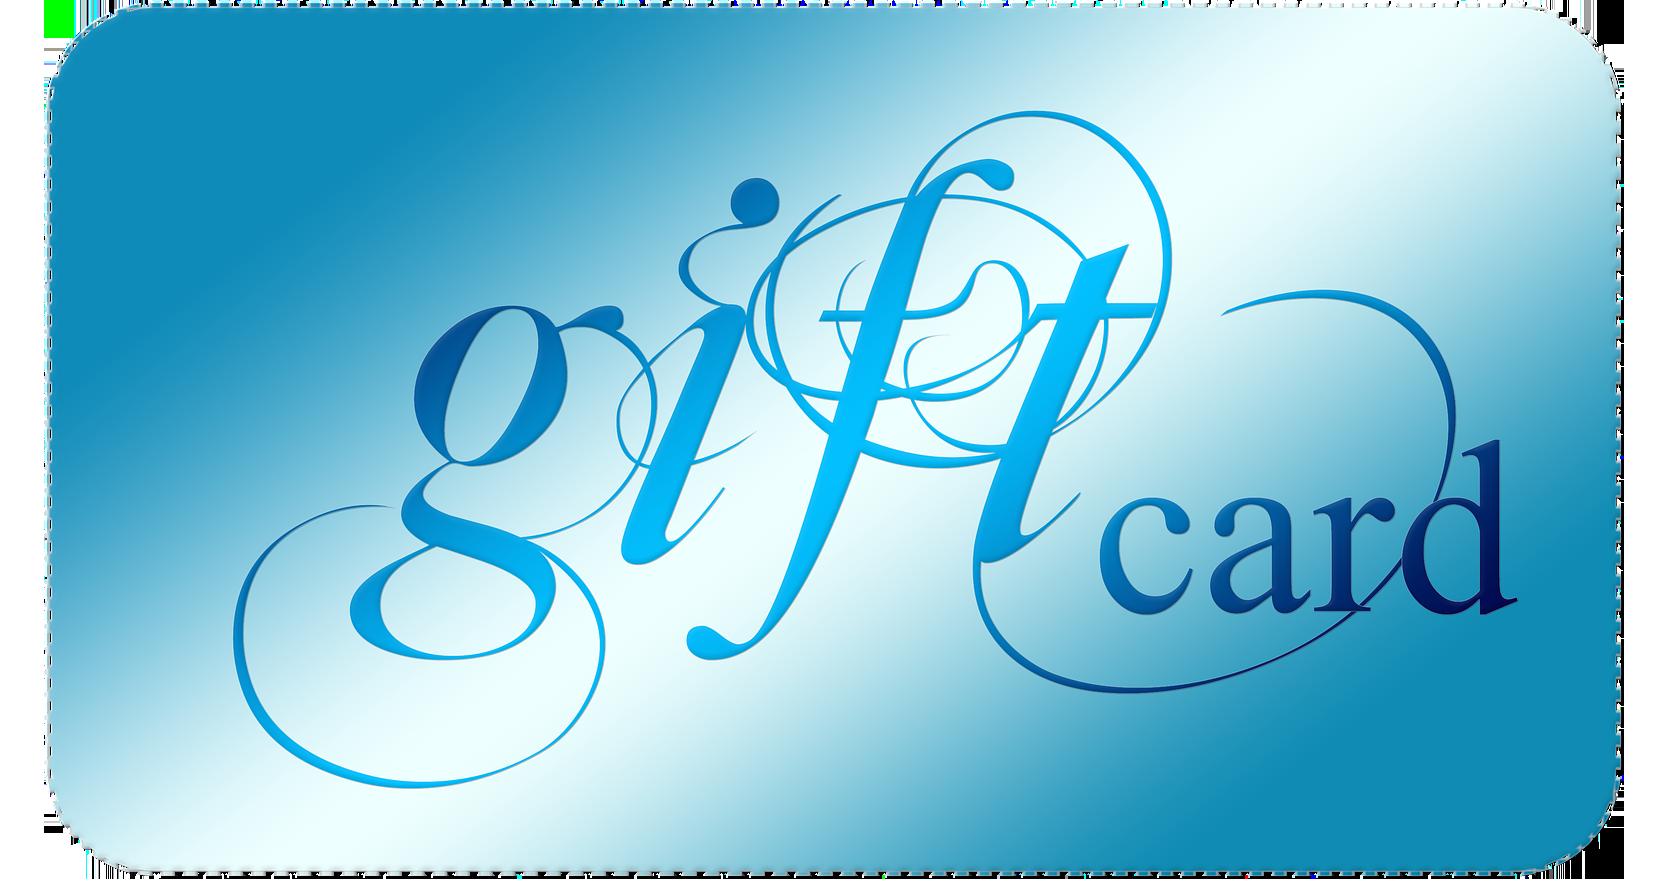 coupon-883642_1920.png